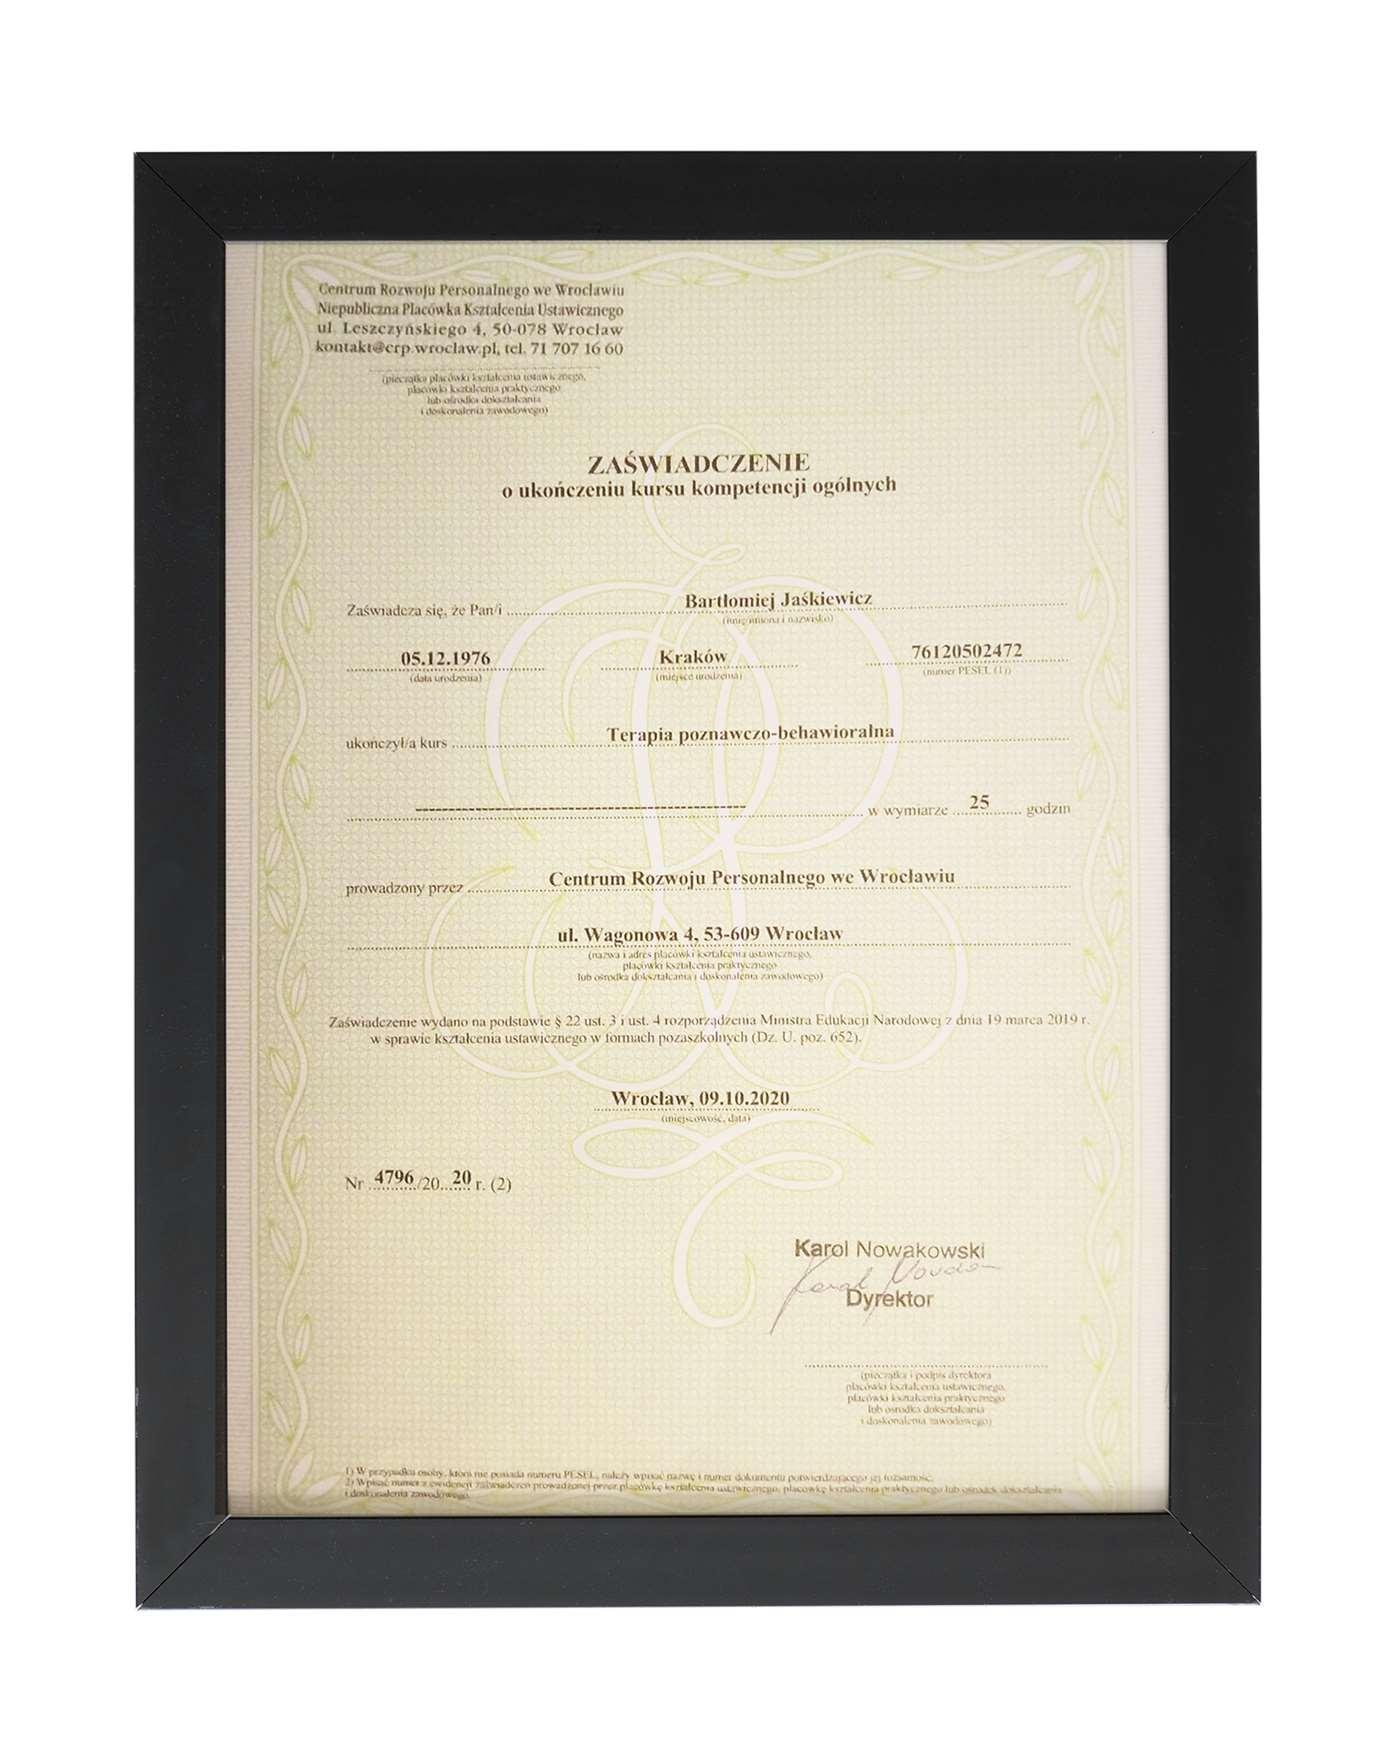 Certyfikat ukończenia kursu - szkolenia z terapii poznawczo-behawioralnej dla Bartłomieja Jaśkiewicza